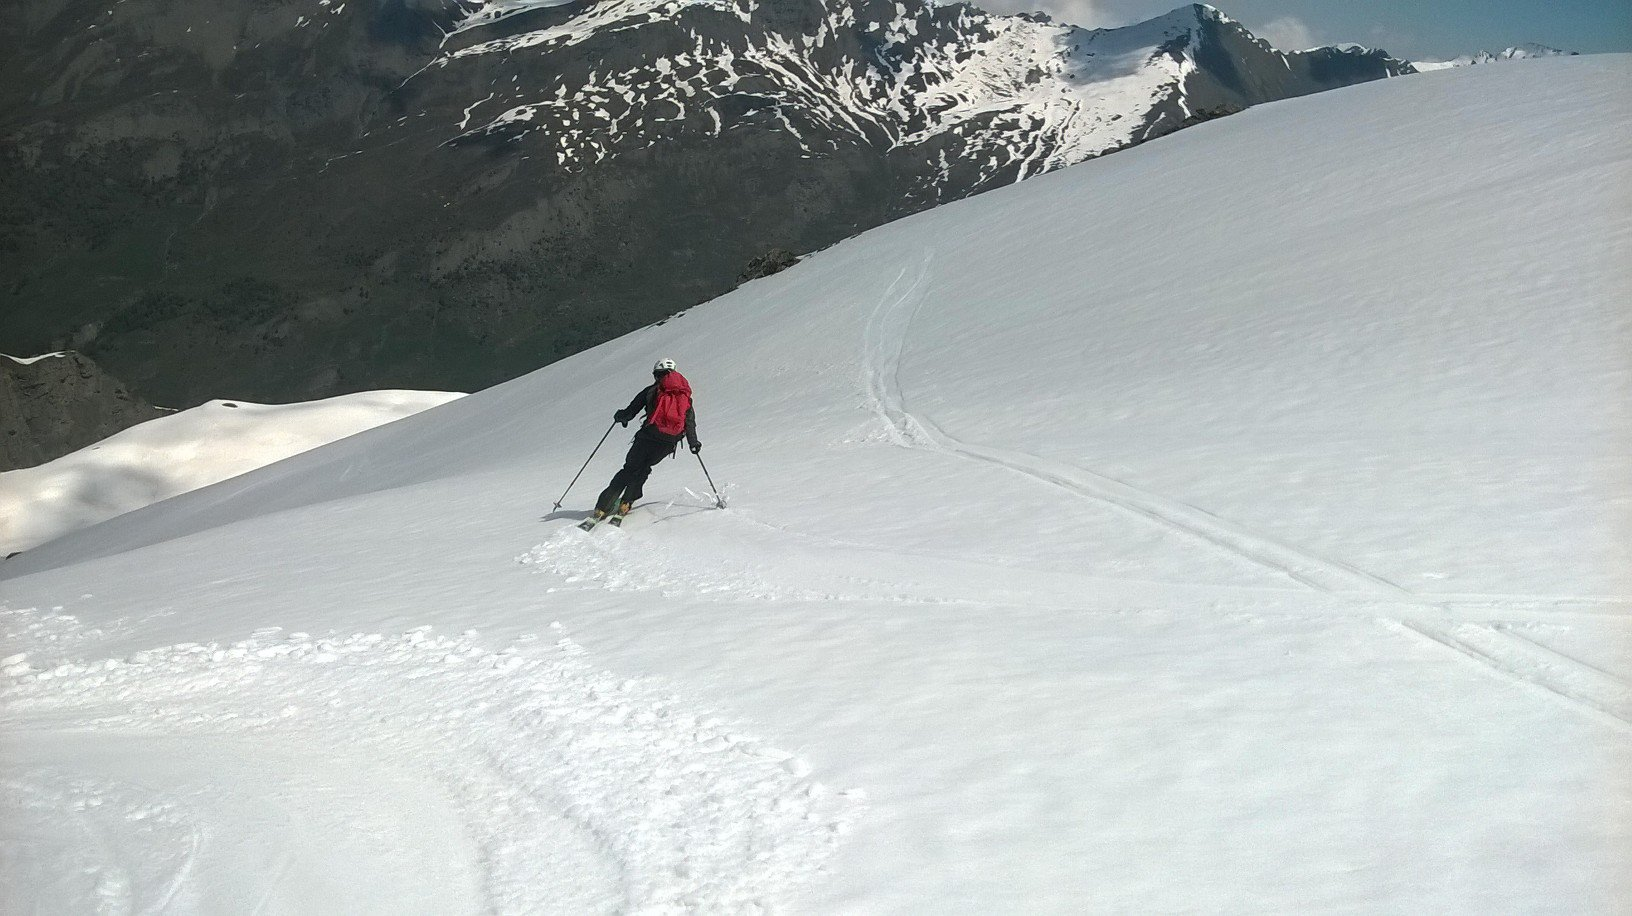 Ottimi i primi 600 metri di discesa. Neve più pesante da quota 2.700 in giù